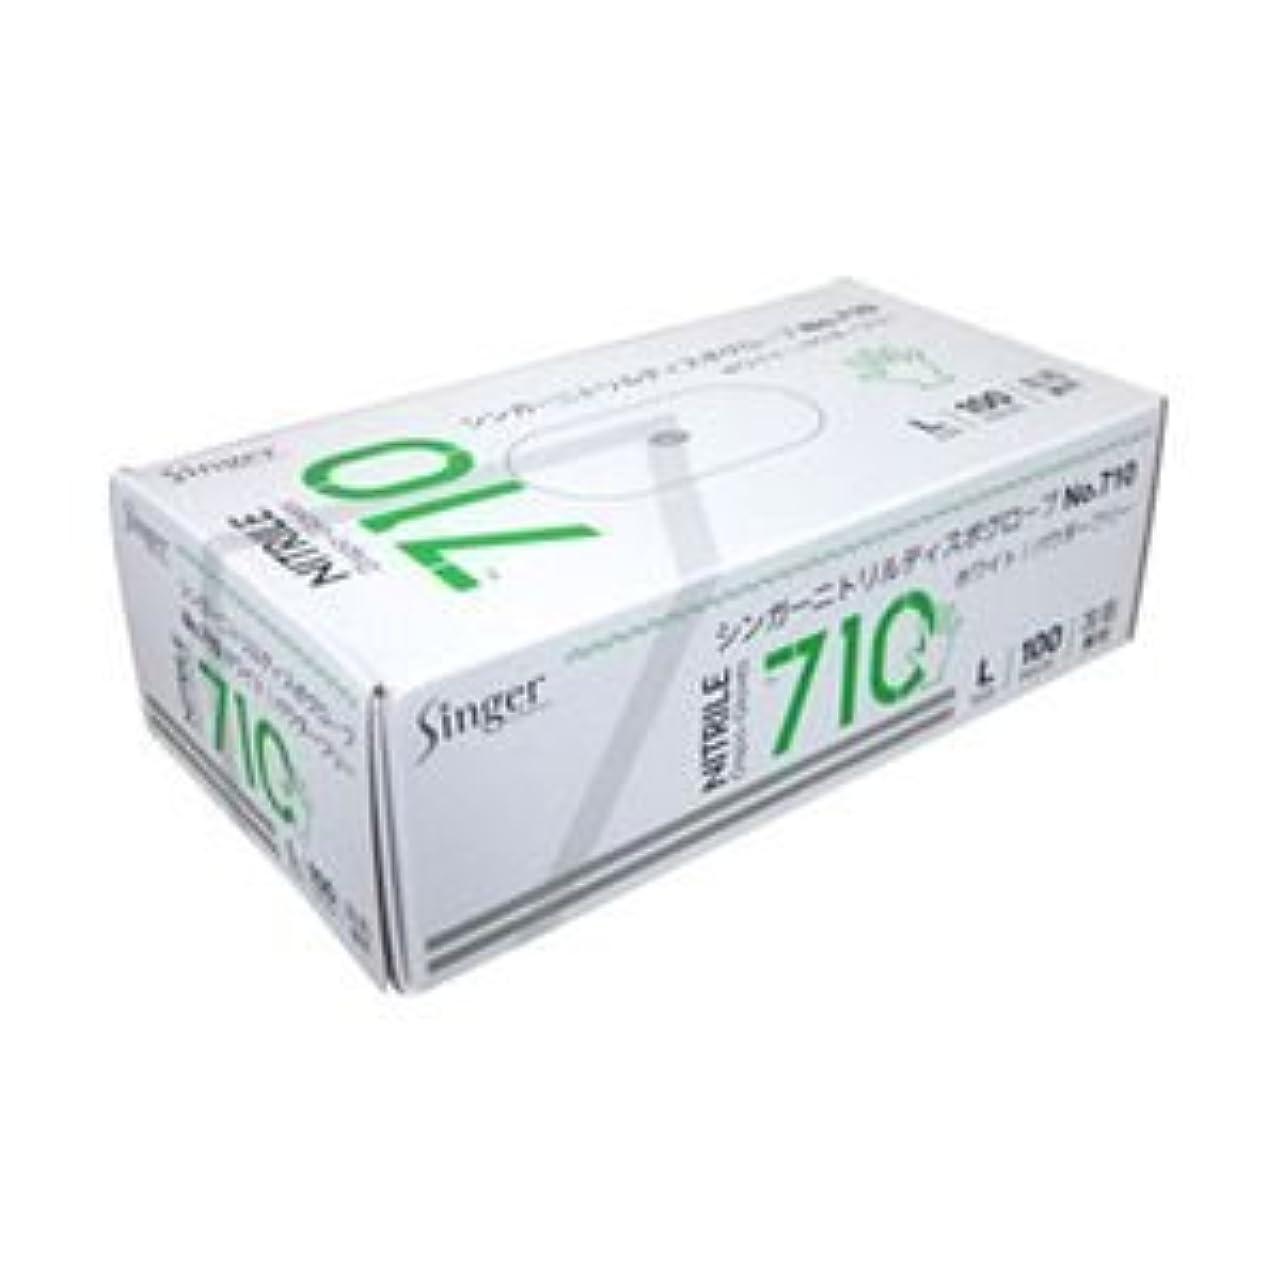 やがてジョブスーパー宇都宮製作 ニトリル手袋 粉なし ホワイト L 1箱(100枚) ×5セット